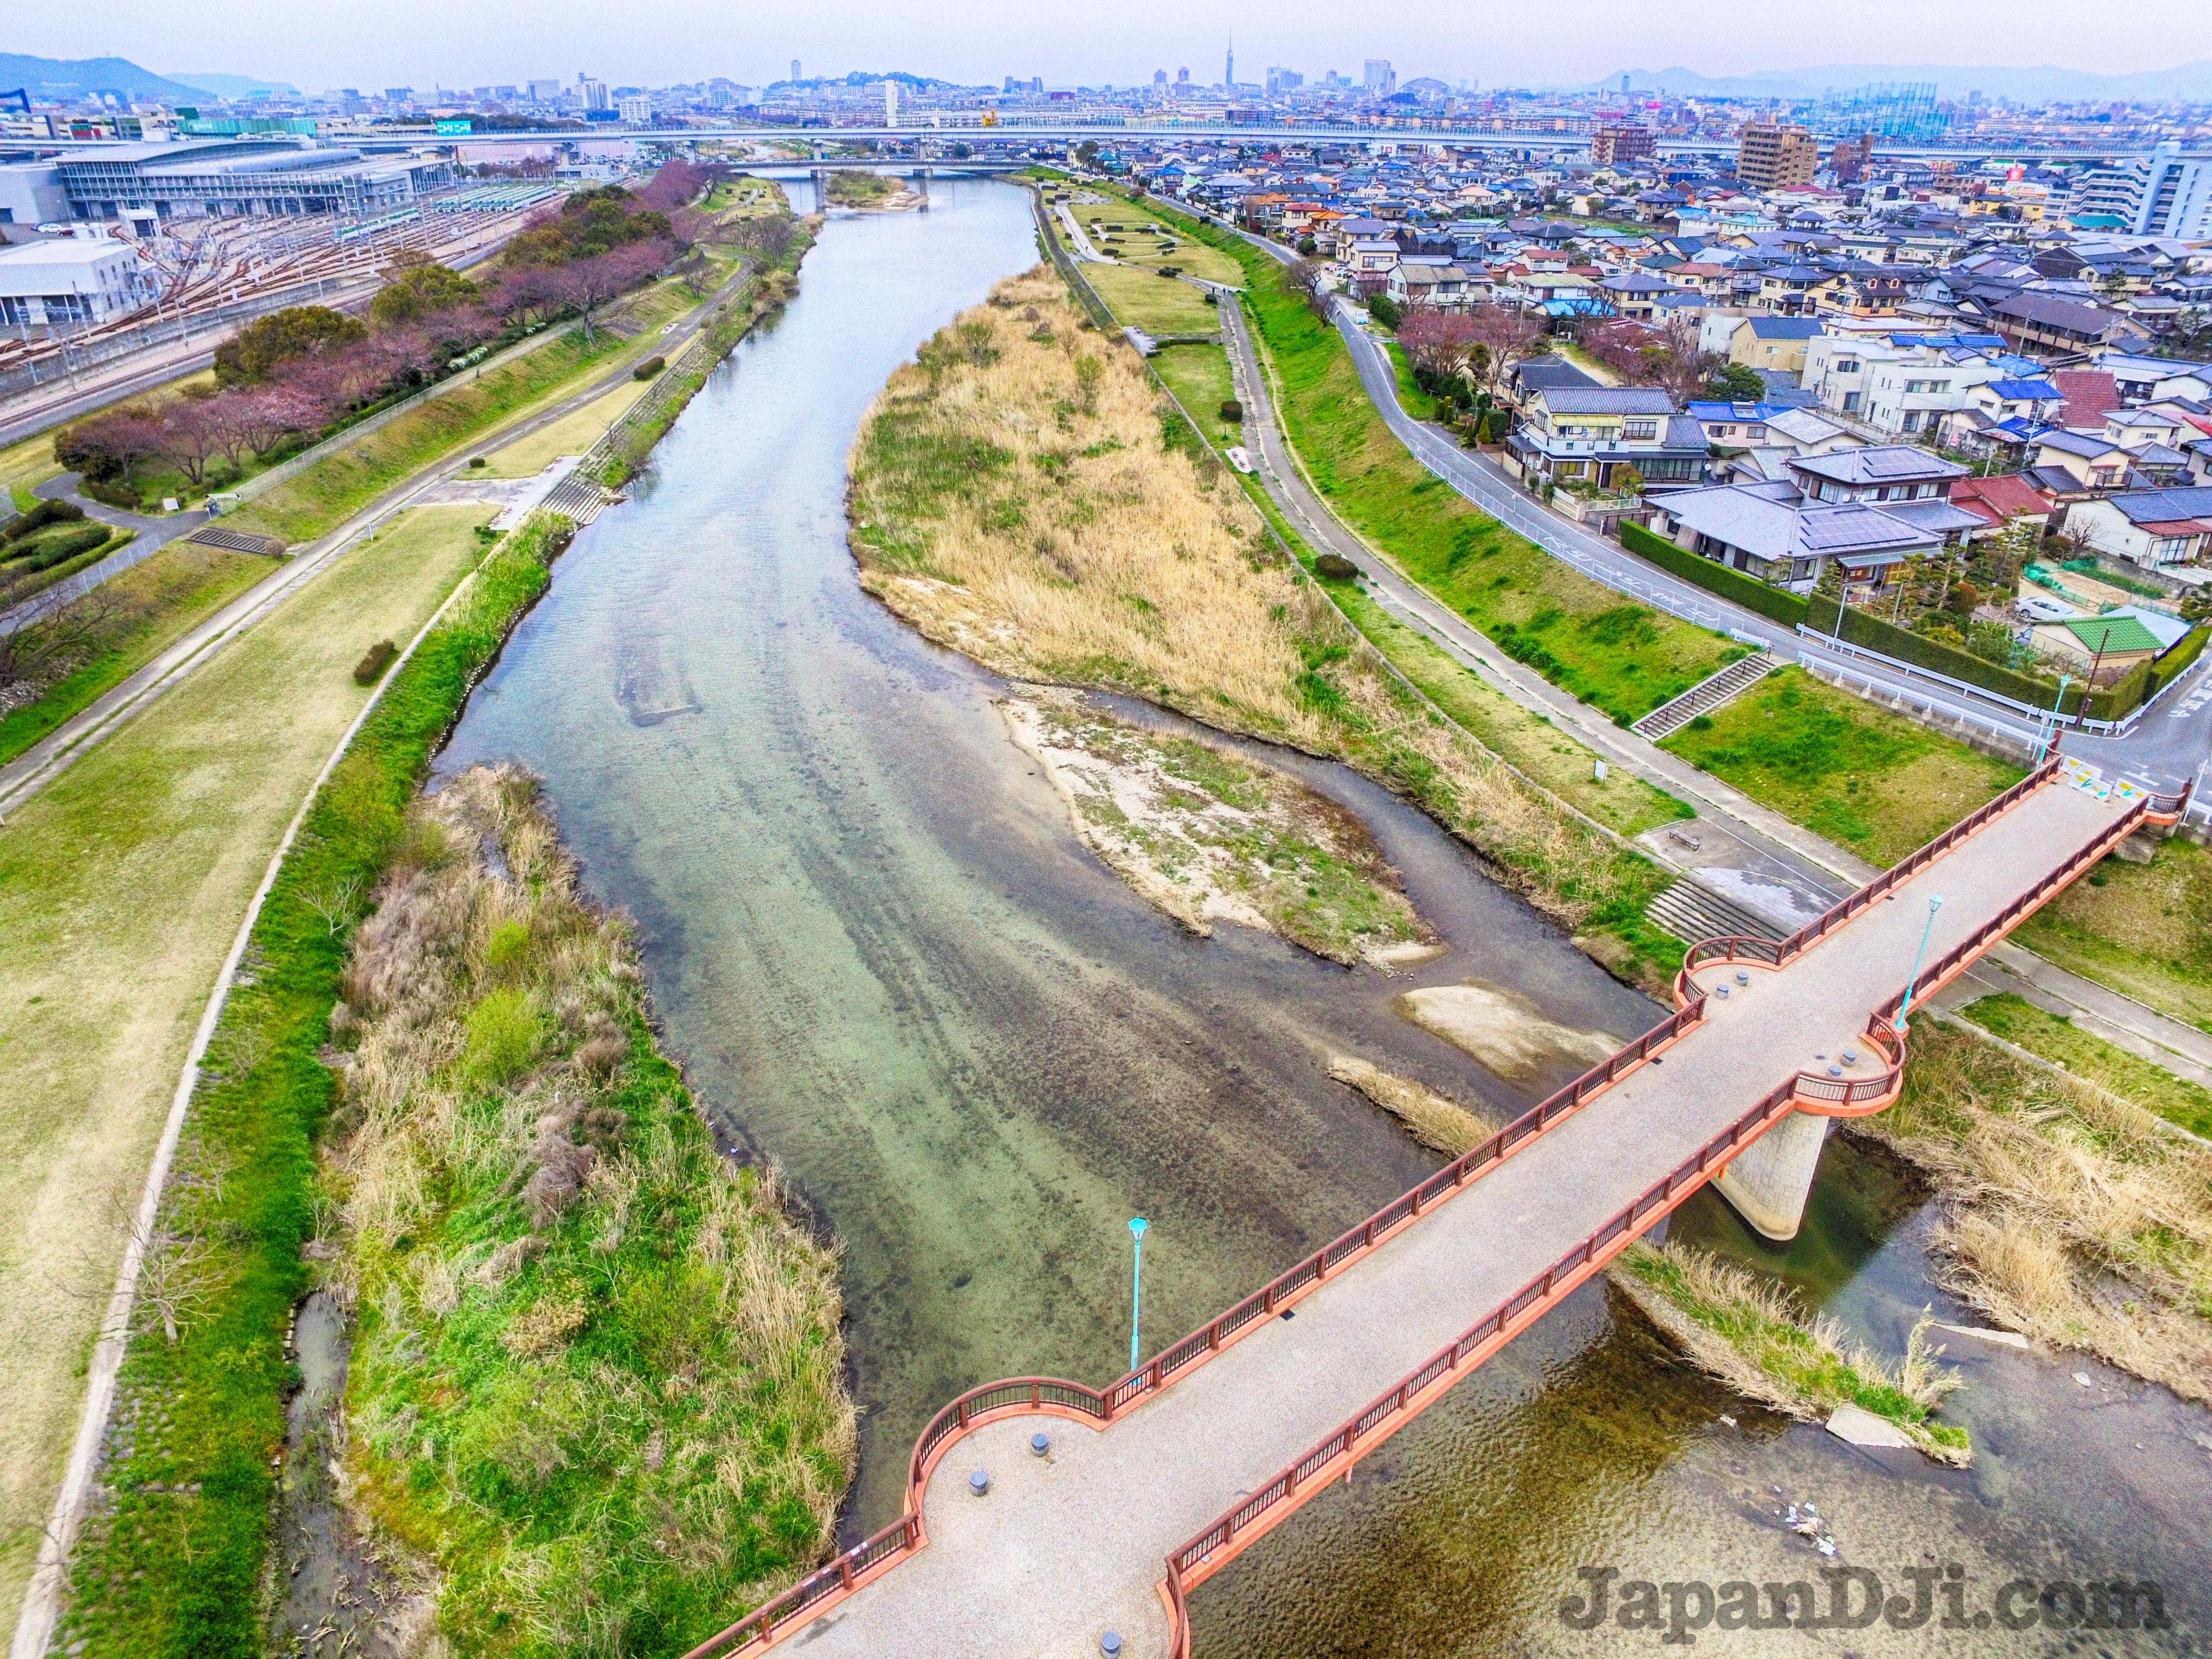 Muromi River